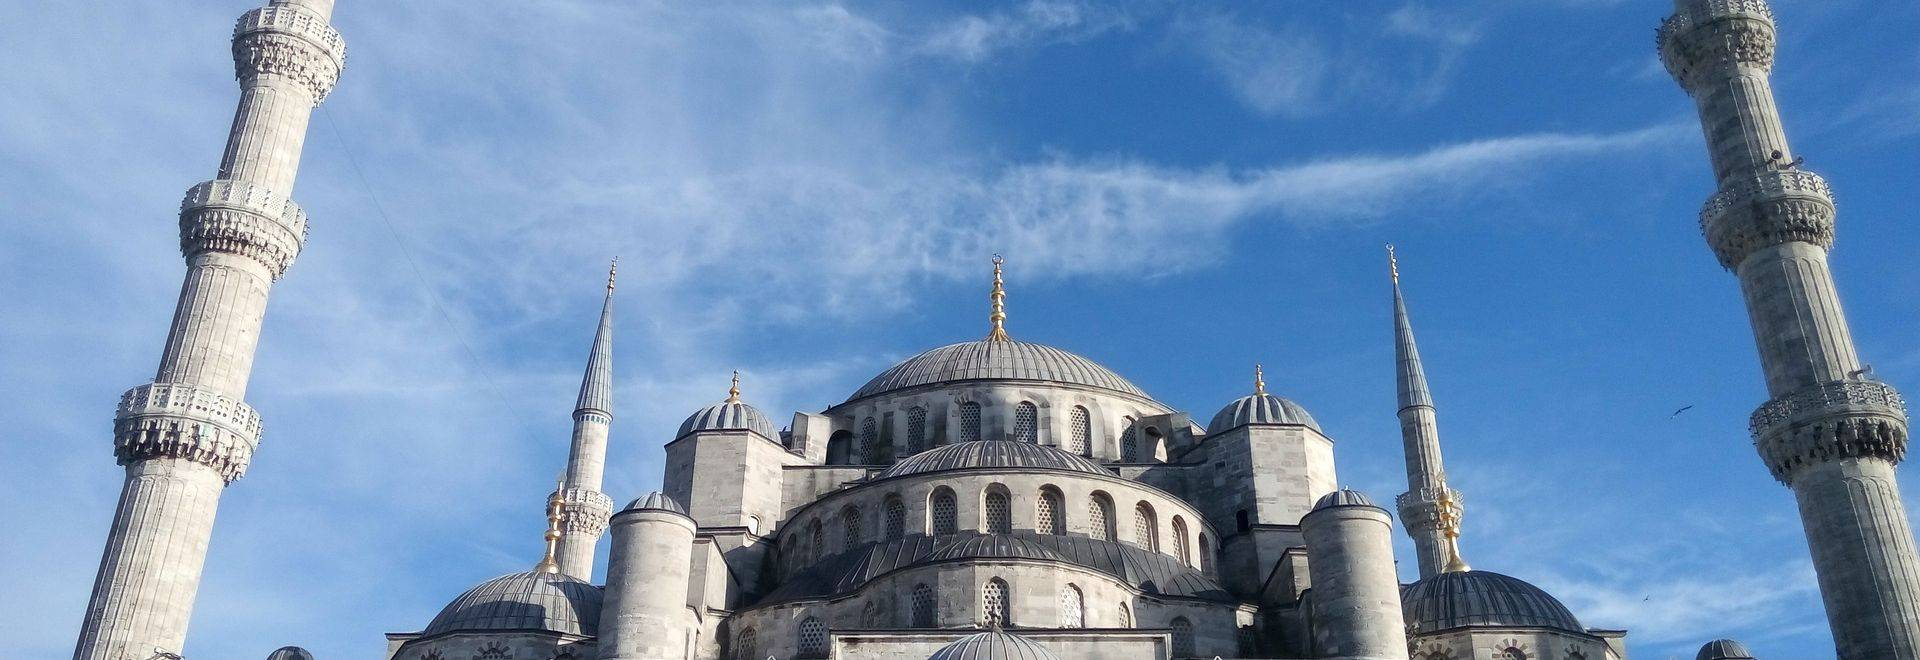 Turkey Blue Mosque